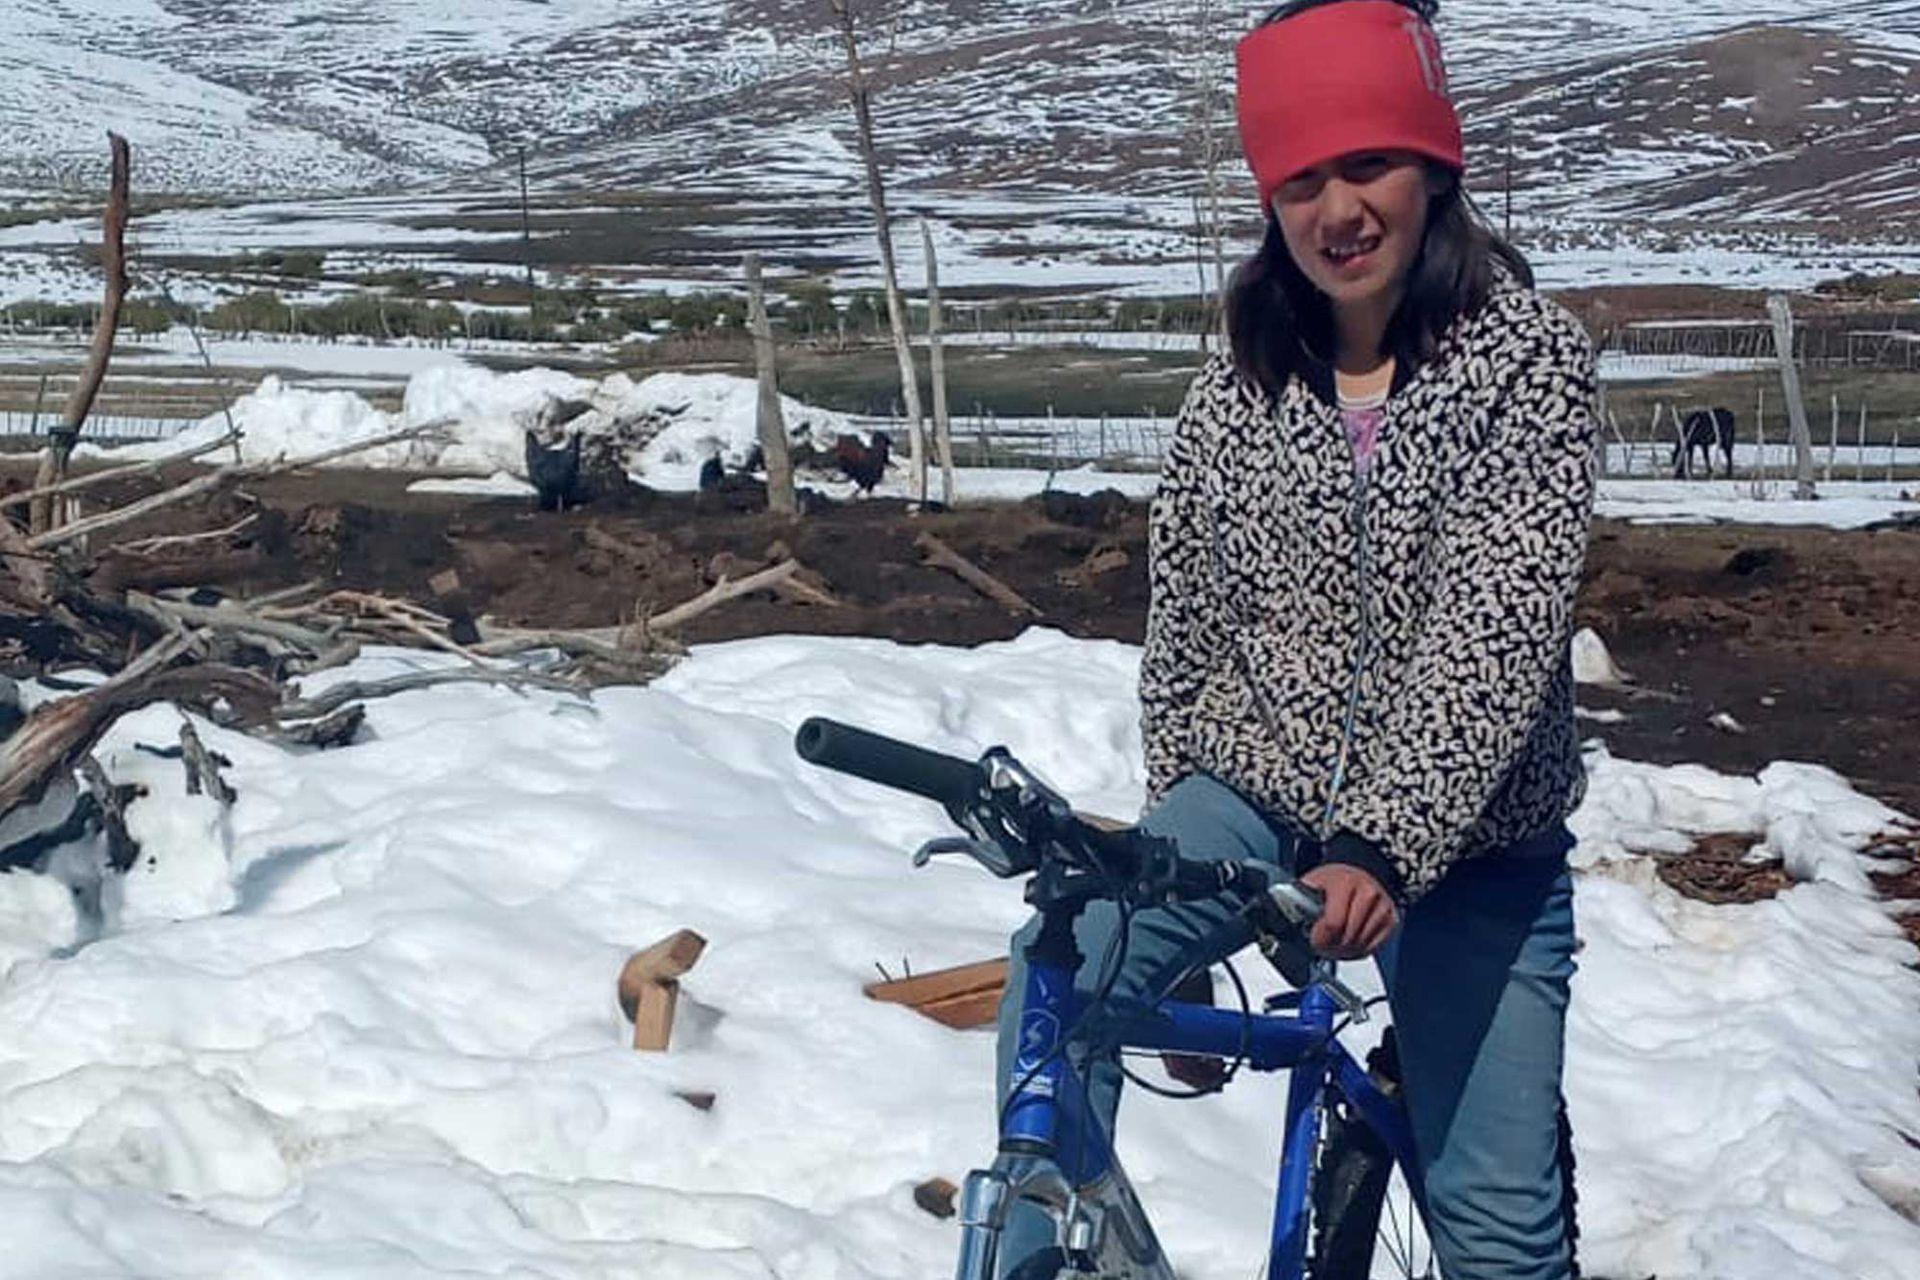 Maciela pudo cumplir su sueño de tener una bicicleta nueva. La que tenía estaba rota y no la podía usar